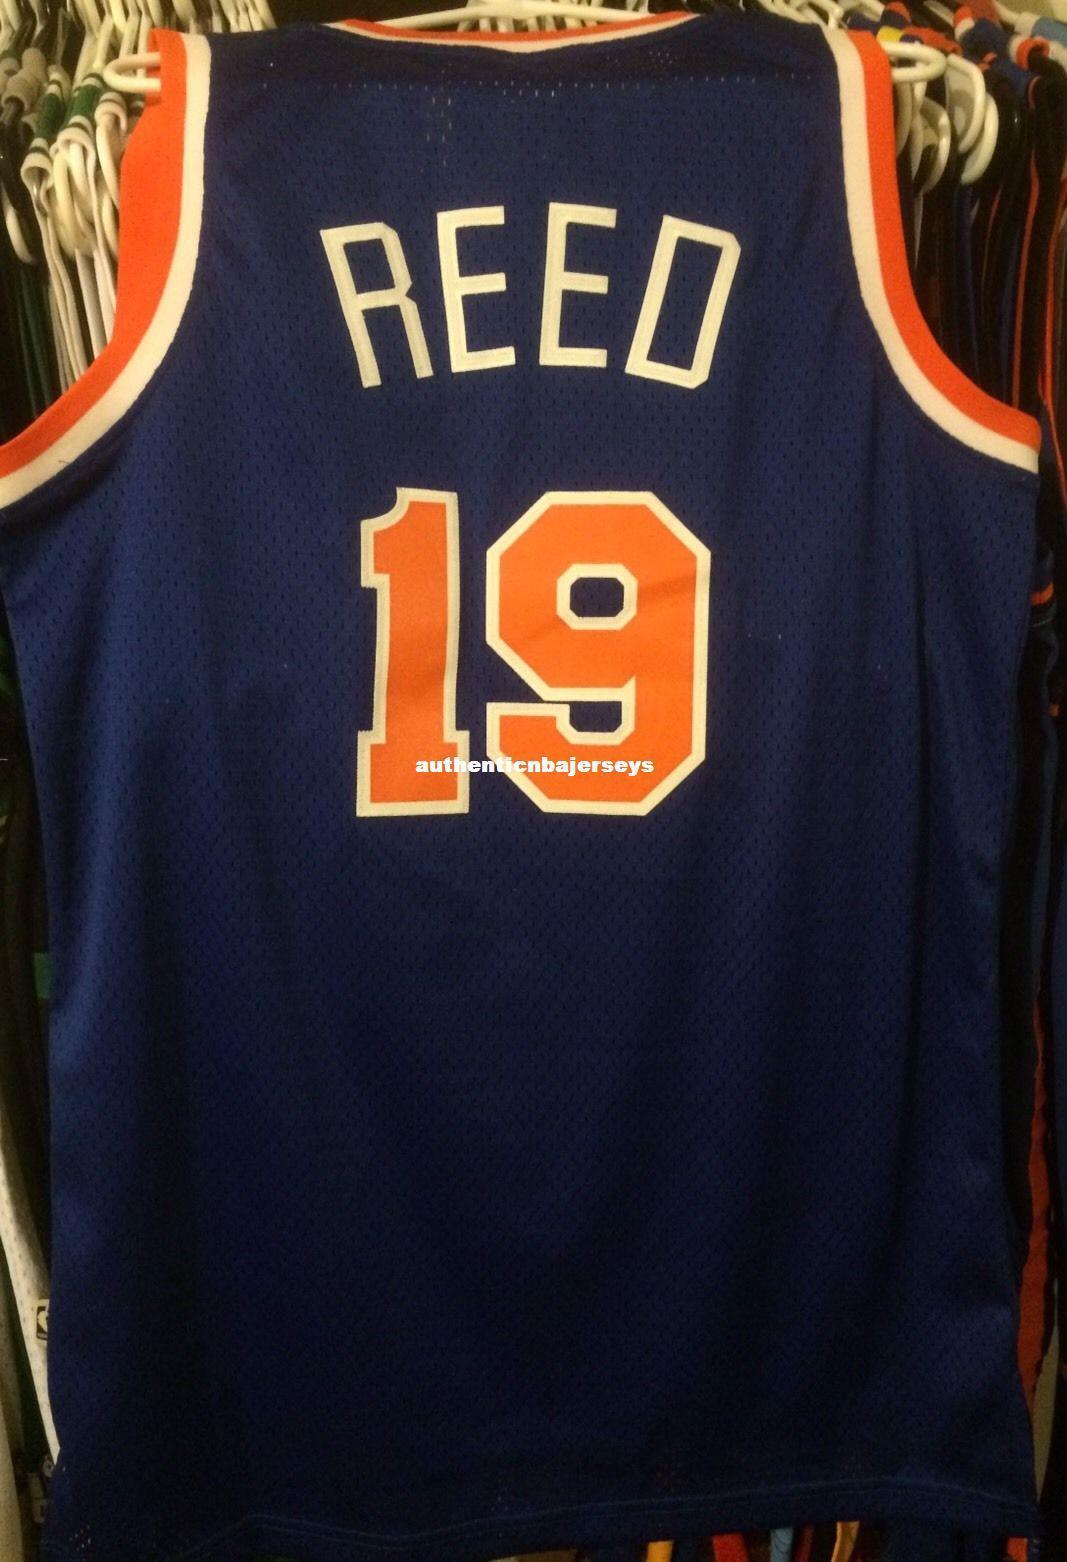 Dikişli Basketbol formaları NCAA yelek ucuz toptan Willis Reed 19 # AD Jersey Men Nadir Dikişli Carmelo tişört